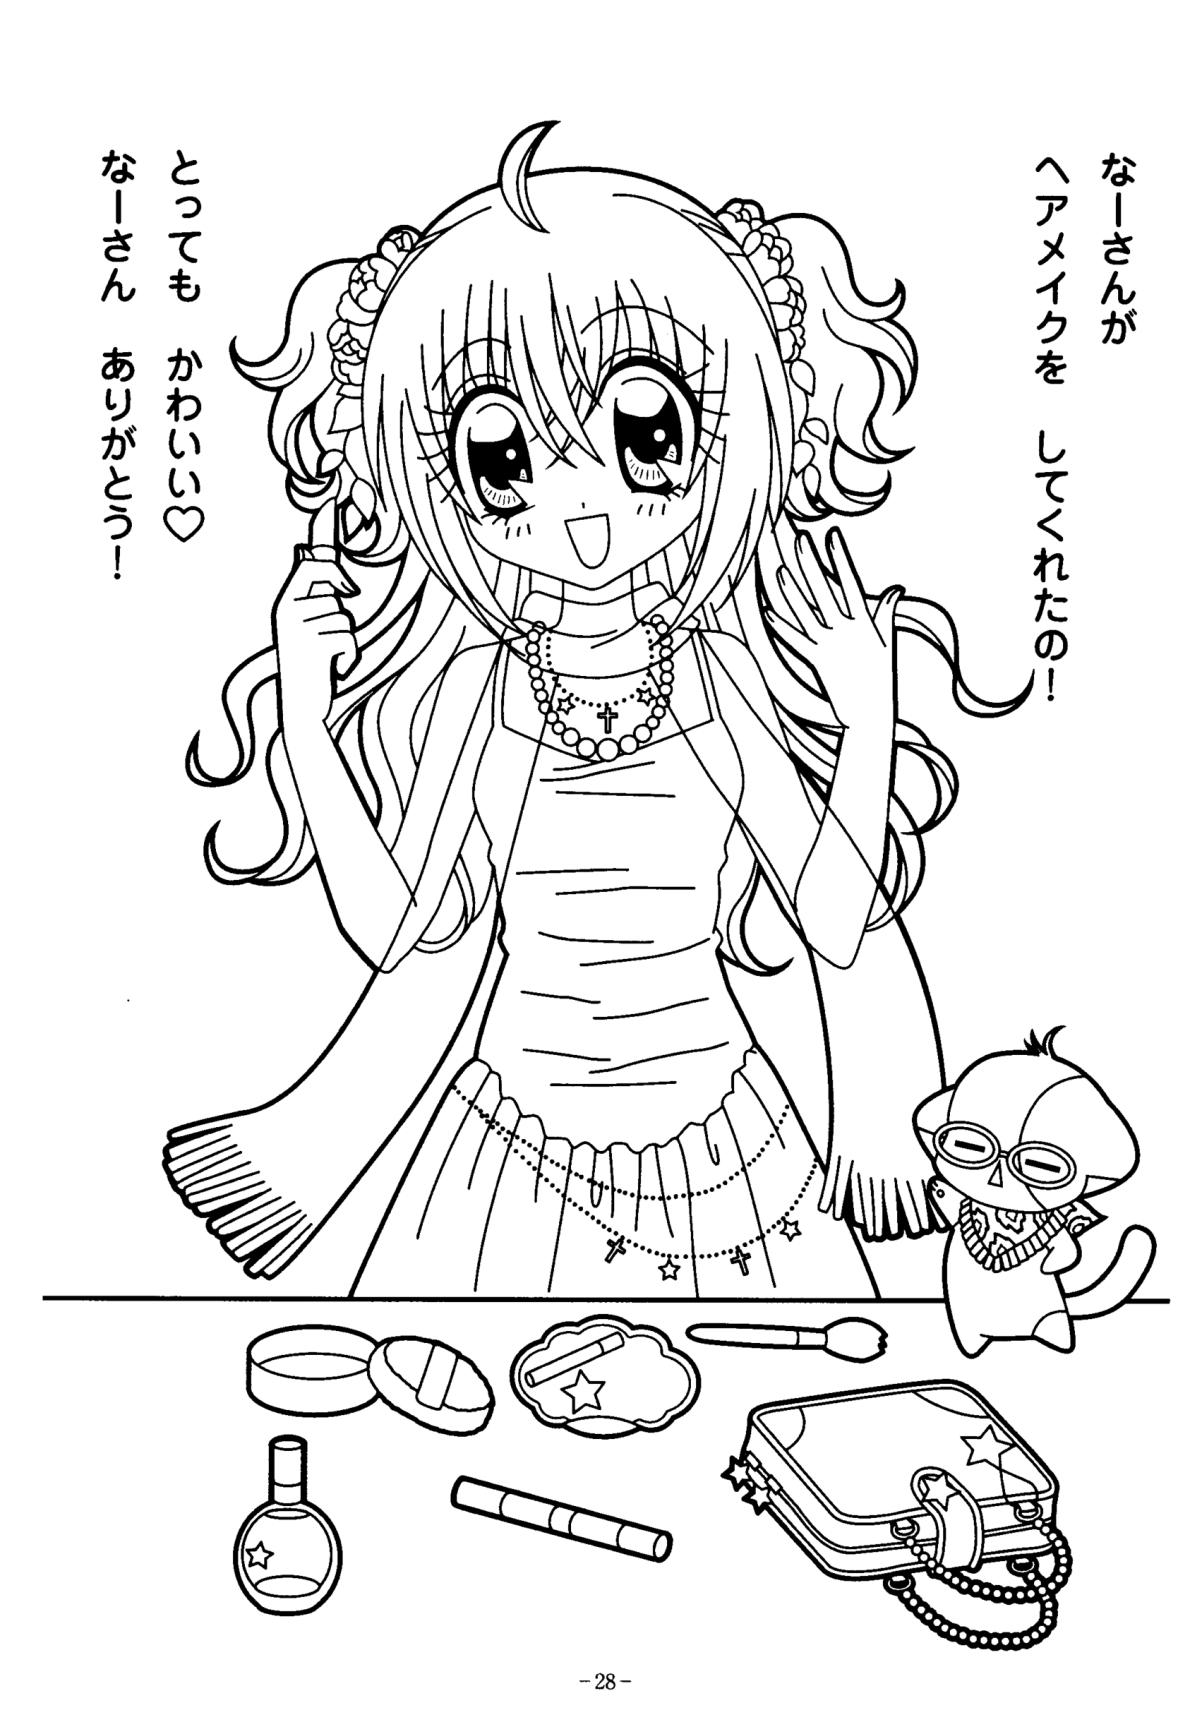 Immagini da colorare di kilari topmanga anime e manga for Immagini di polipi da colorare